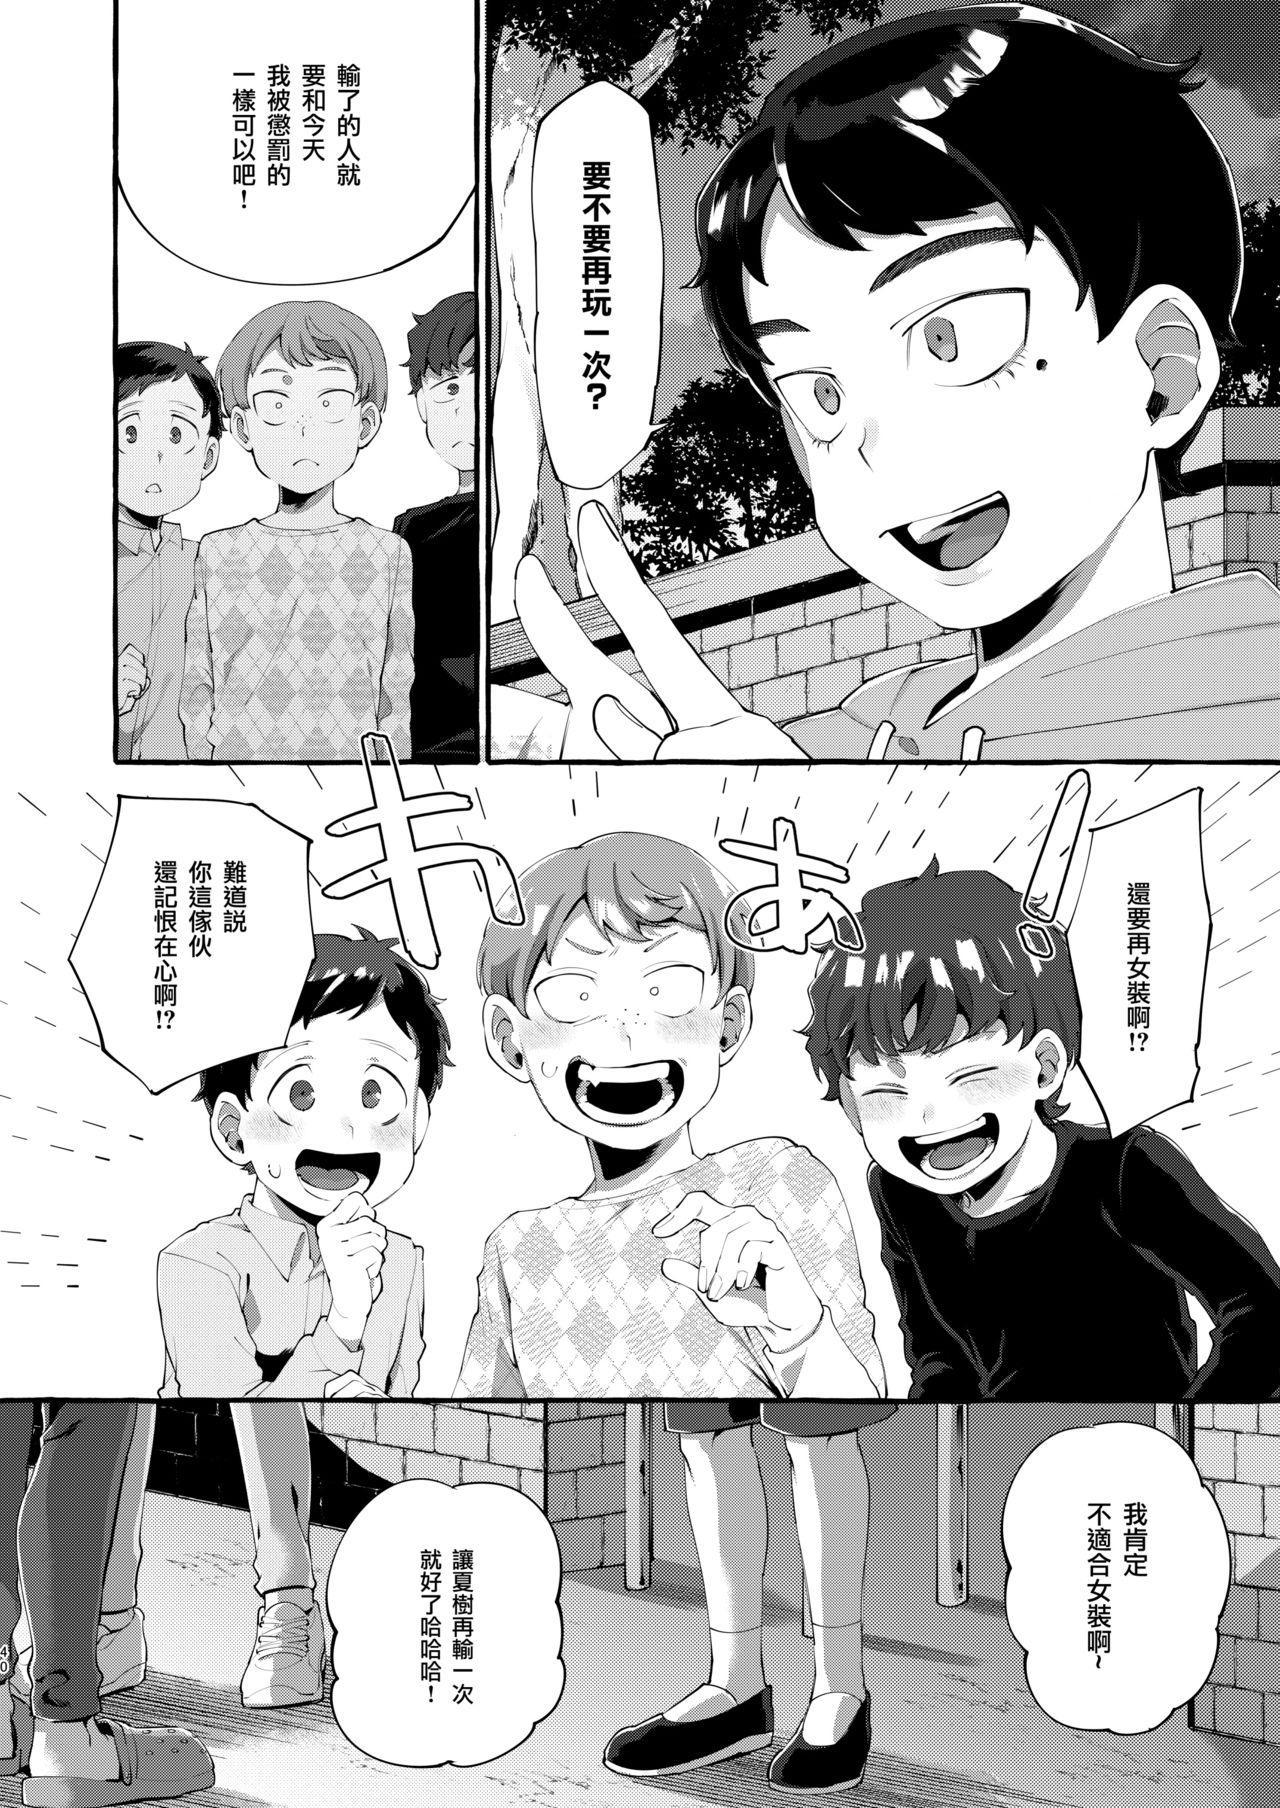 Joshigakusei o Rachi Yuukai Shita to Omottara Otokonoko datta. | 本以为诱拐了女学生却发现是伪娘。 39